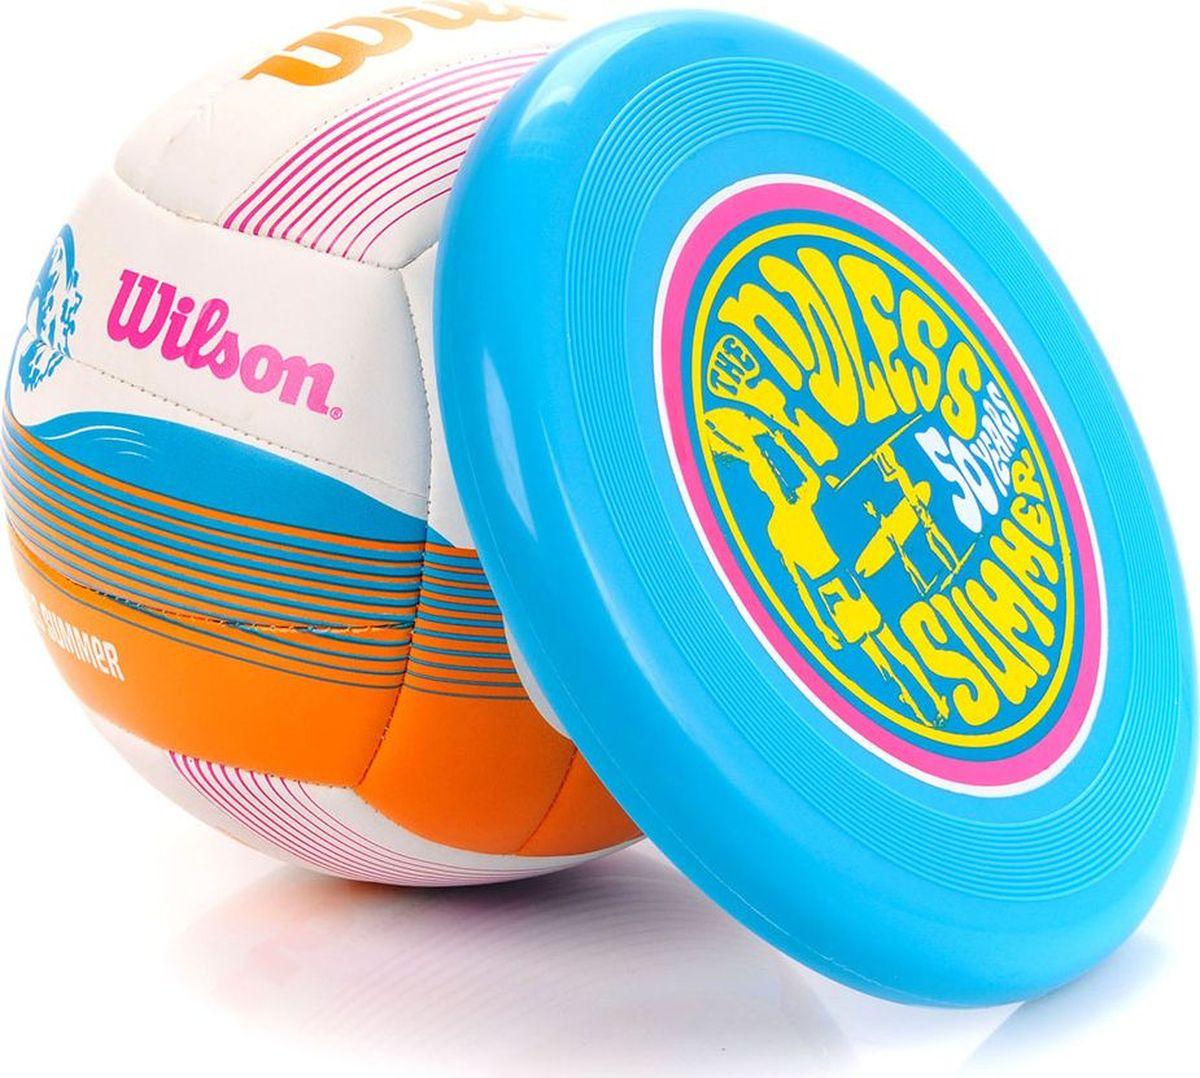 Набор волейбольный Wilson Endless Smmr, цвет: белыйWTX0522 KITНабор из мягкого волейбольного синтетического мяча, фрисби. Дизайн, вдохновленный фильмом о Серфинге Брюса Брауна, созданный к пятидесятилетию волейбола.